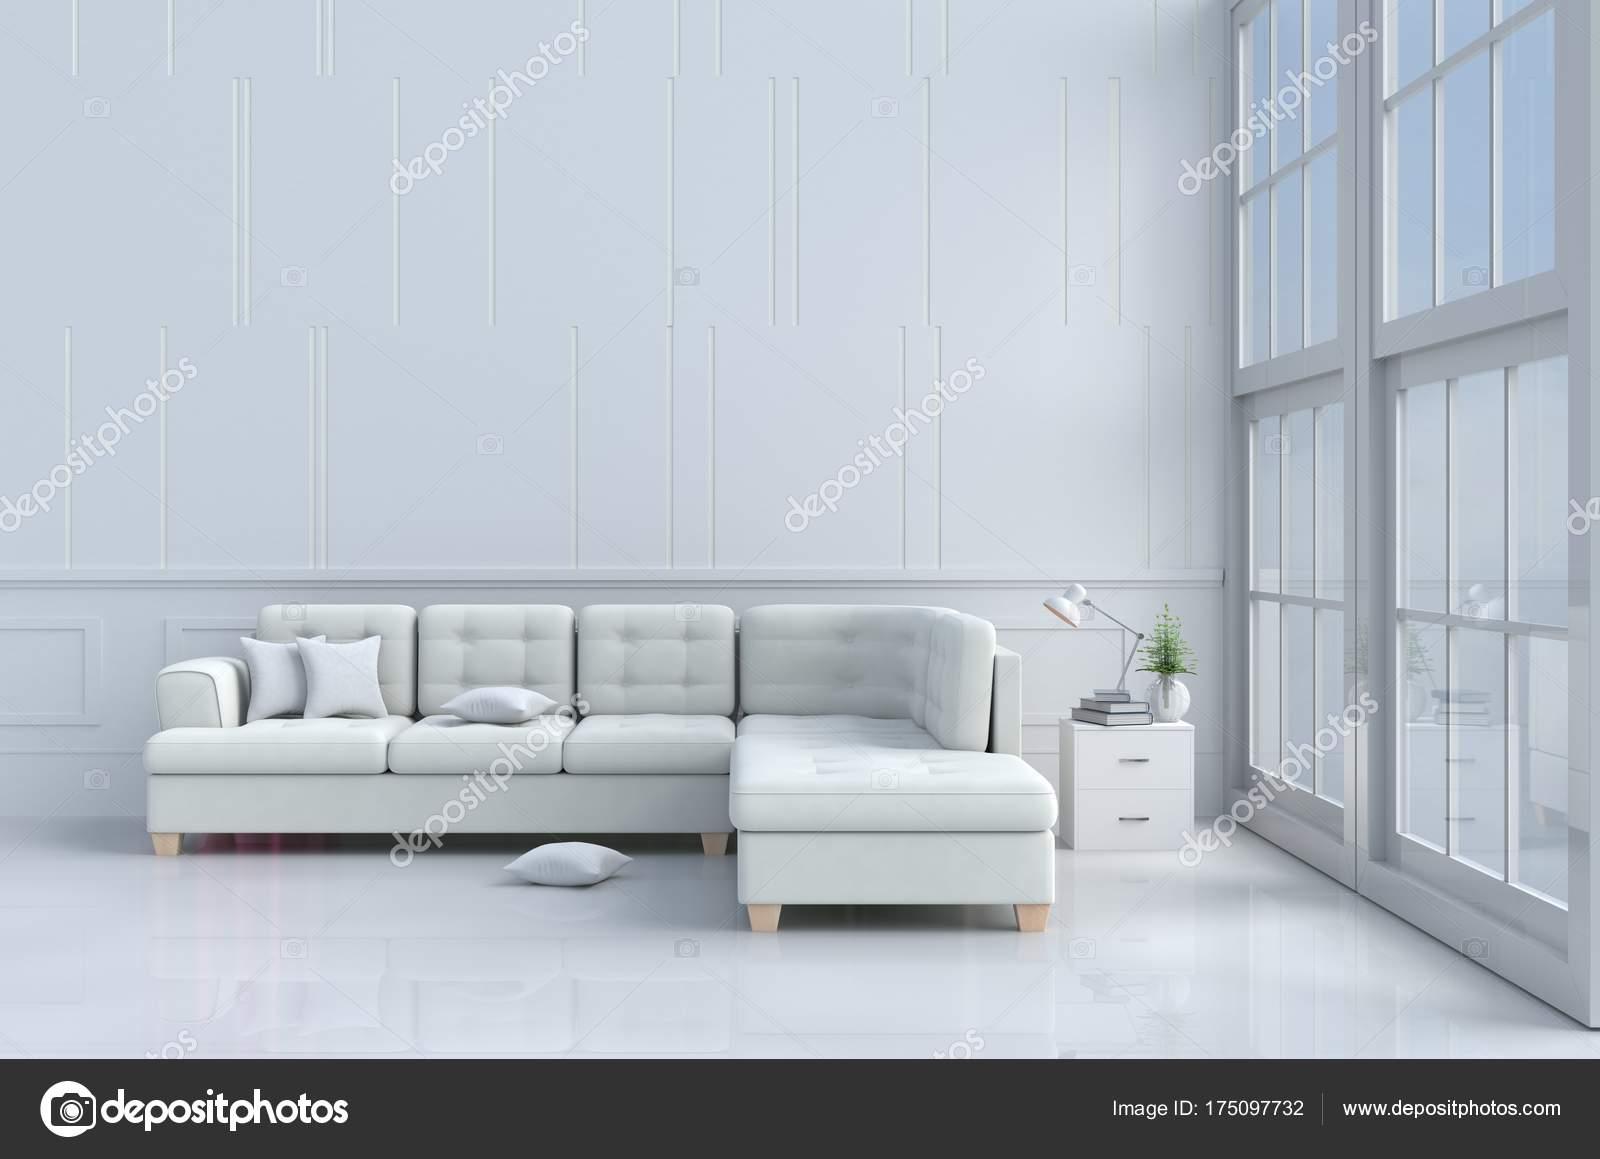 Weiße Wohnzimmer Dekoriert Mit Baum Glasvase Kissen Weißen Sofa Fenster U2014  Stockfoto